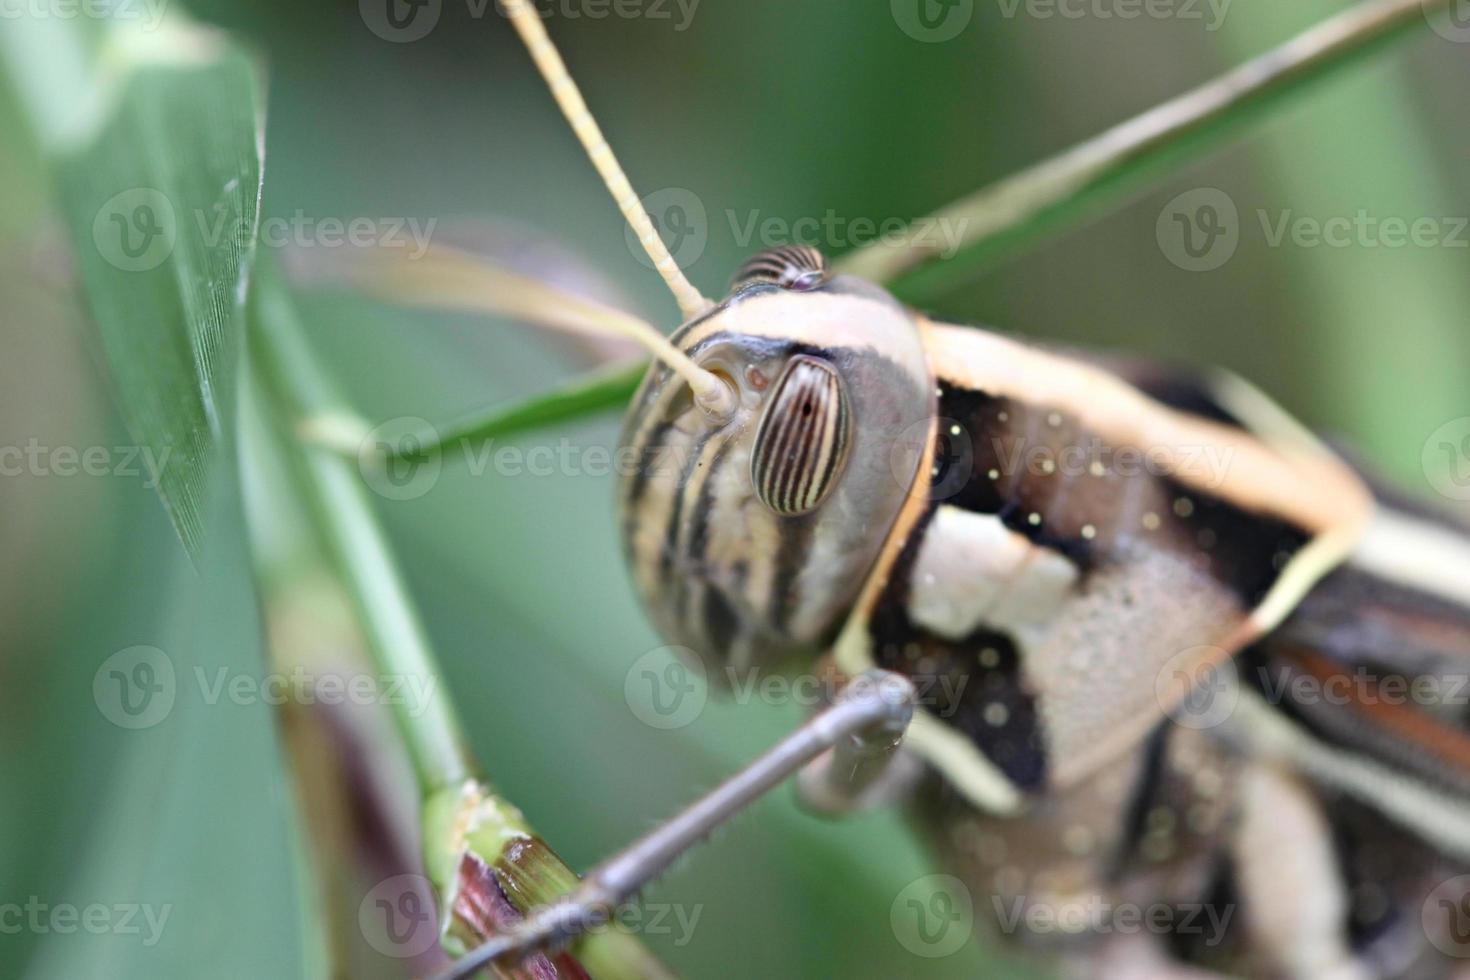 makro av brun gräshoppa uppflugna på blad. foto